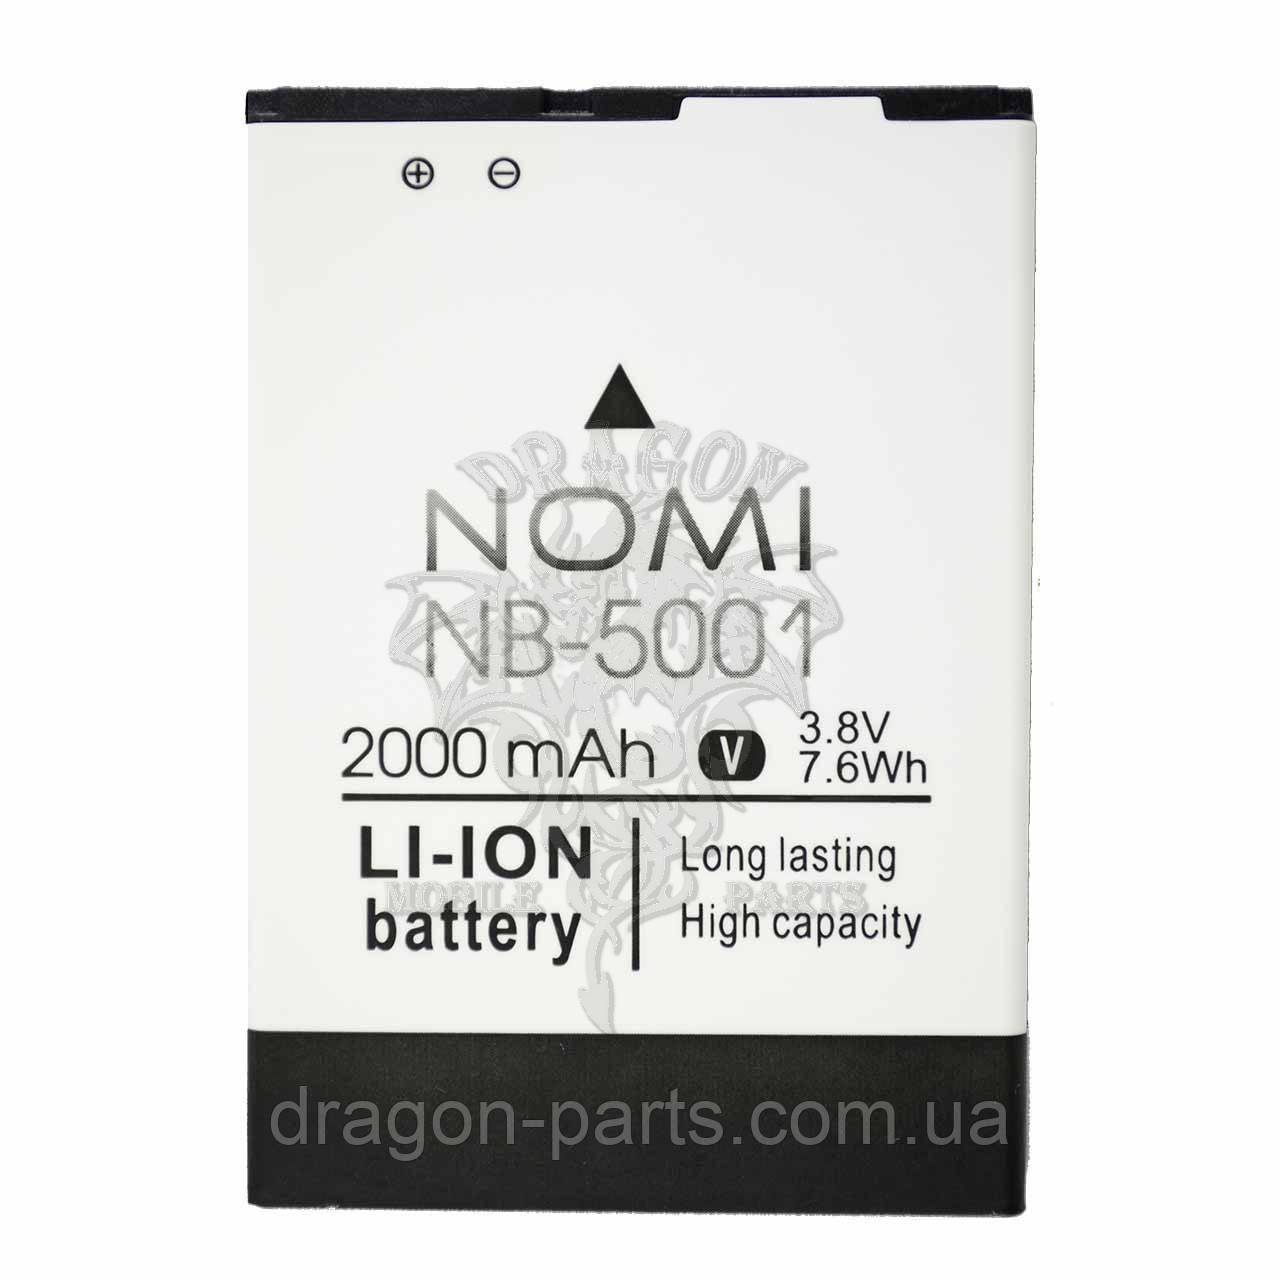 Аккумулятор Nomi i5001 Evo M3 (АКБ, Батарея) NB-5001, оригинал